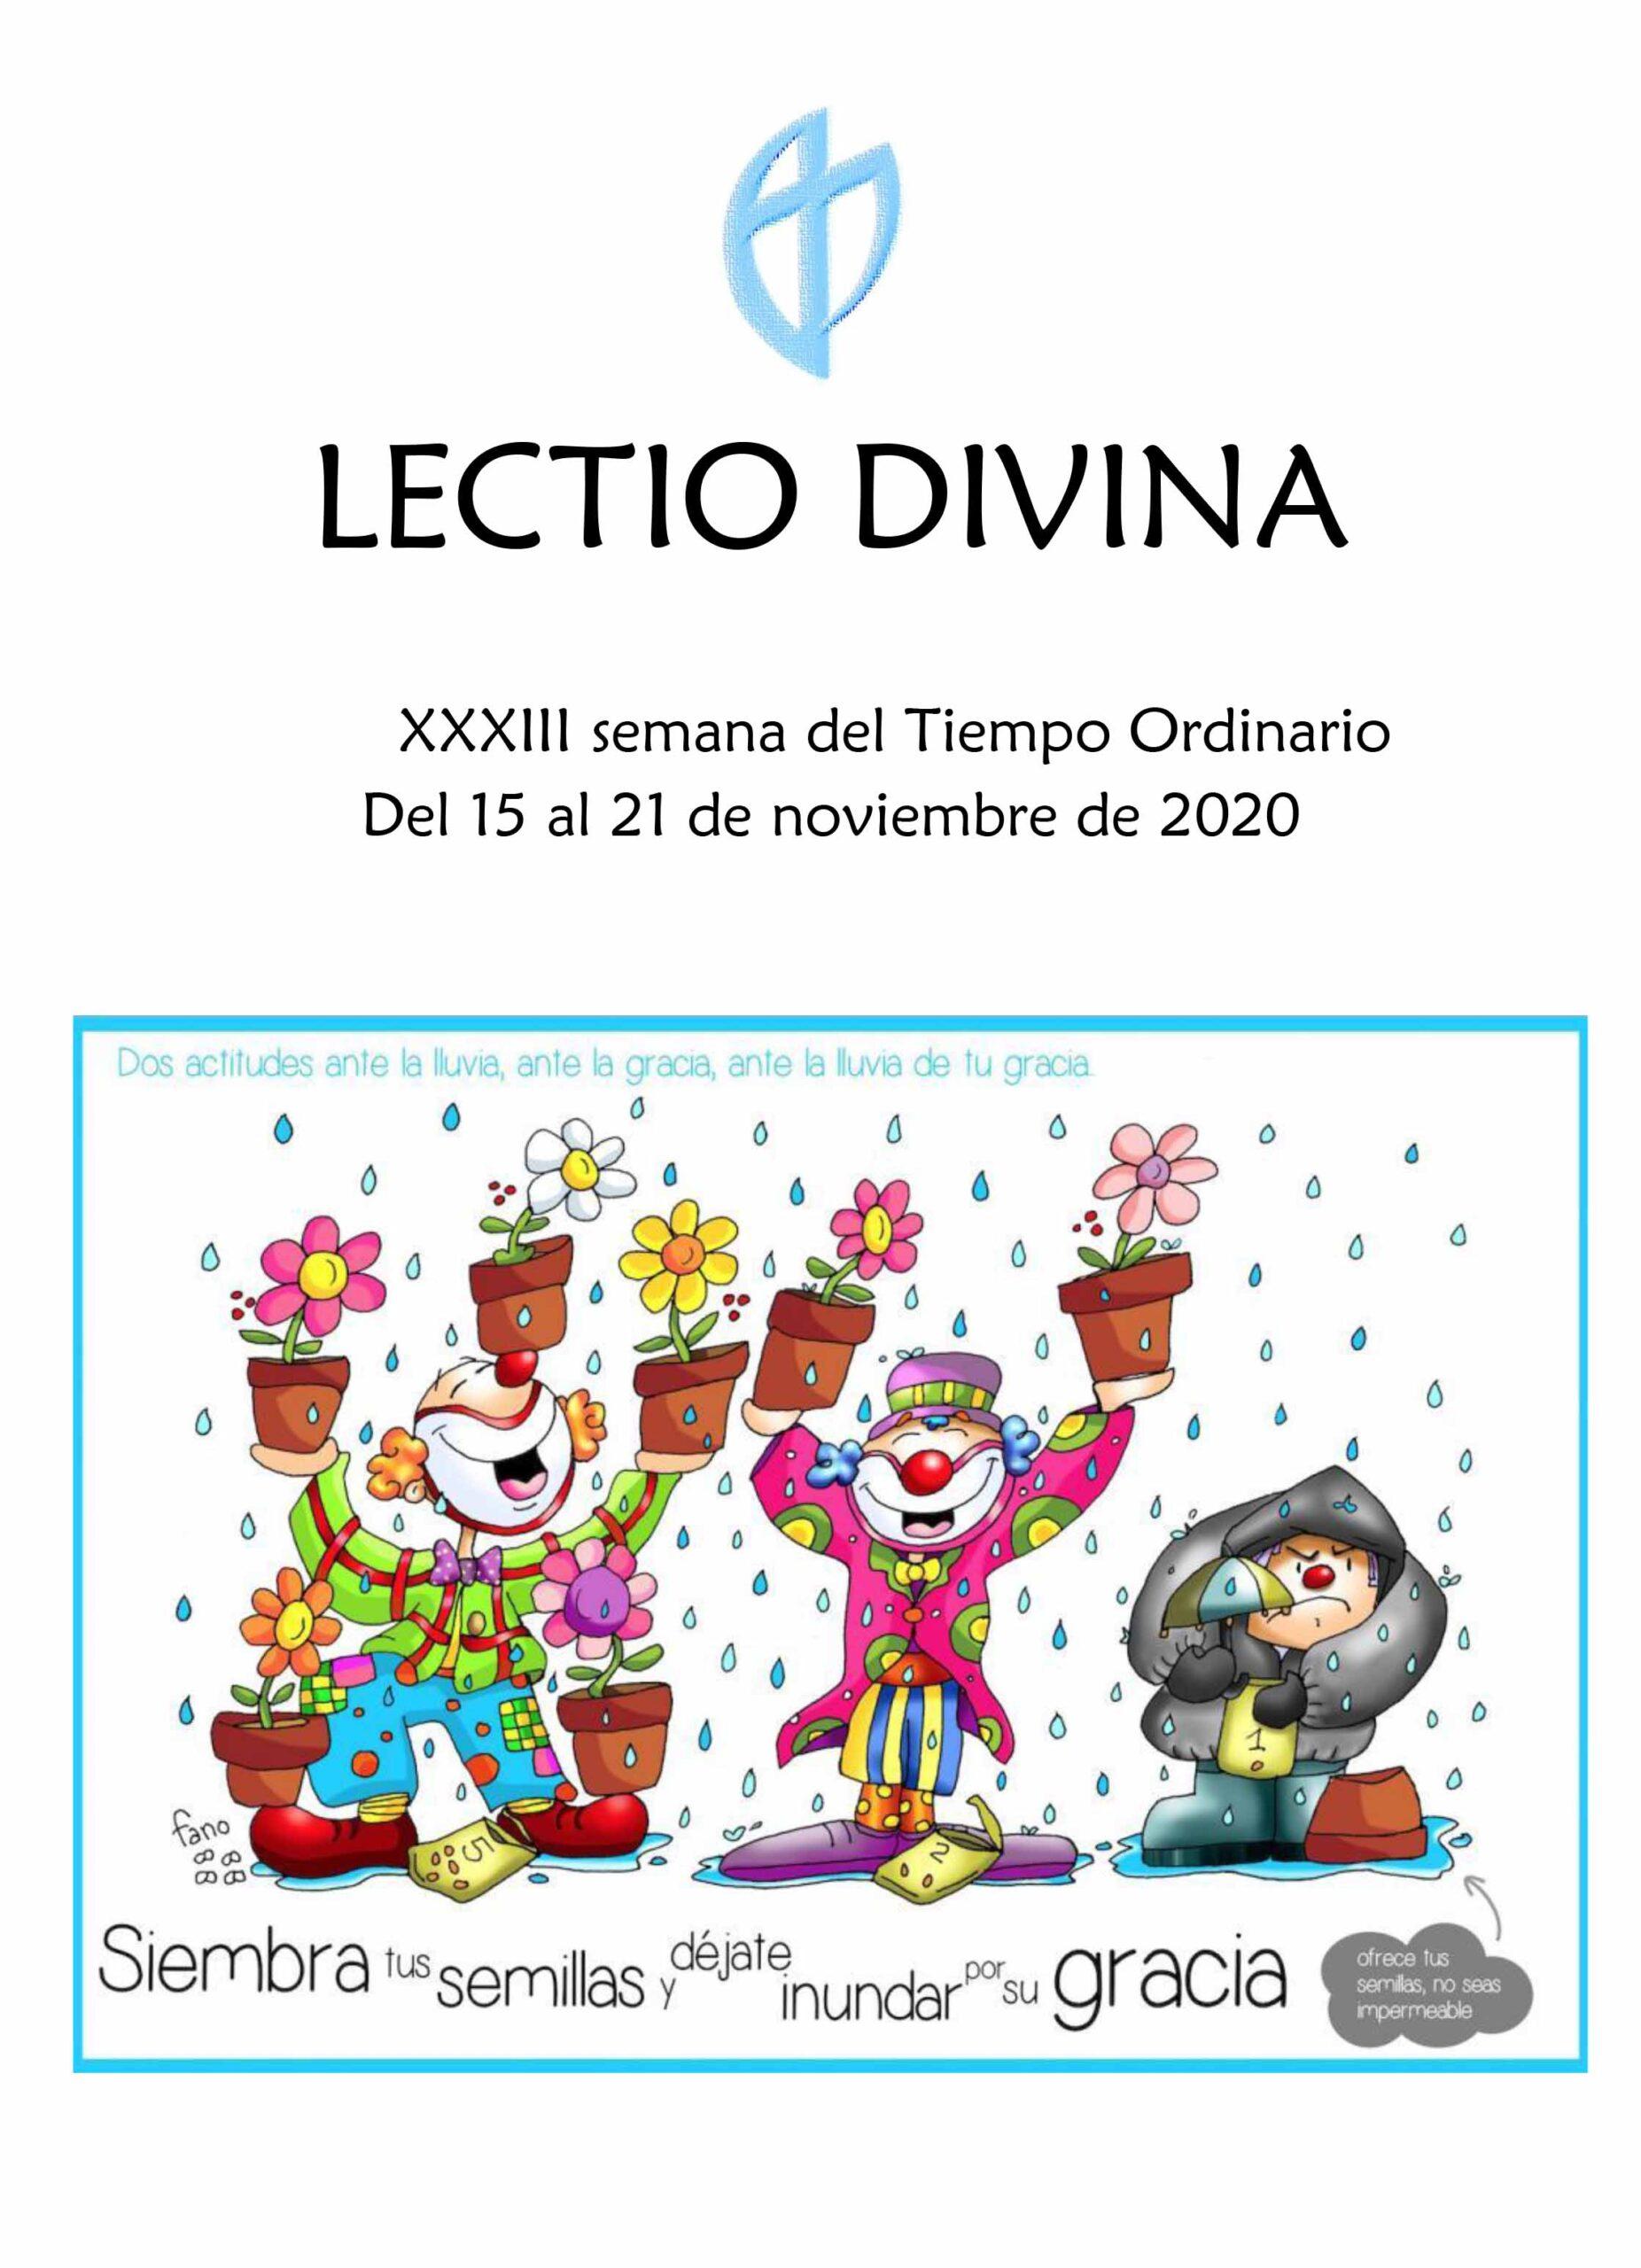 XXXIII Semana del Tiempo Ordinario (del 15 al 21 de Noviembre del 2020)